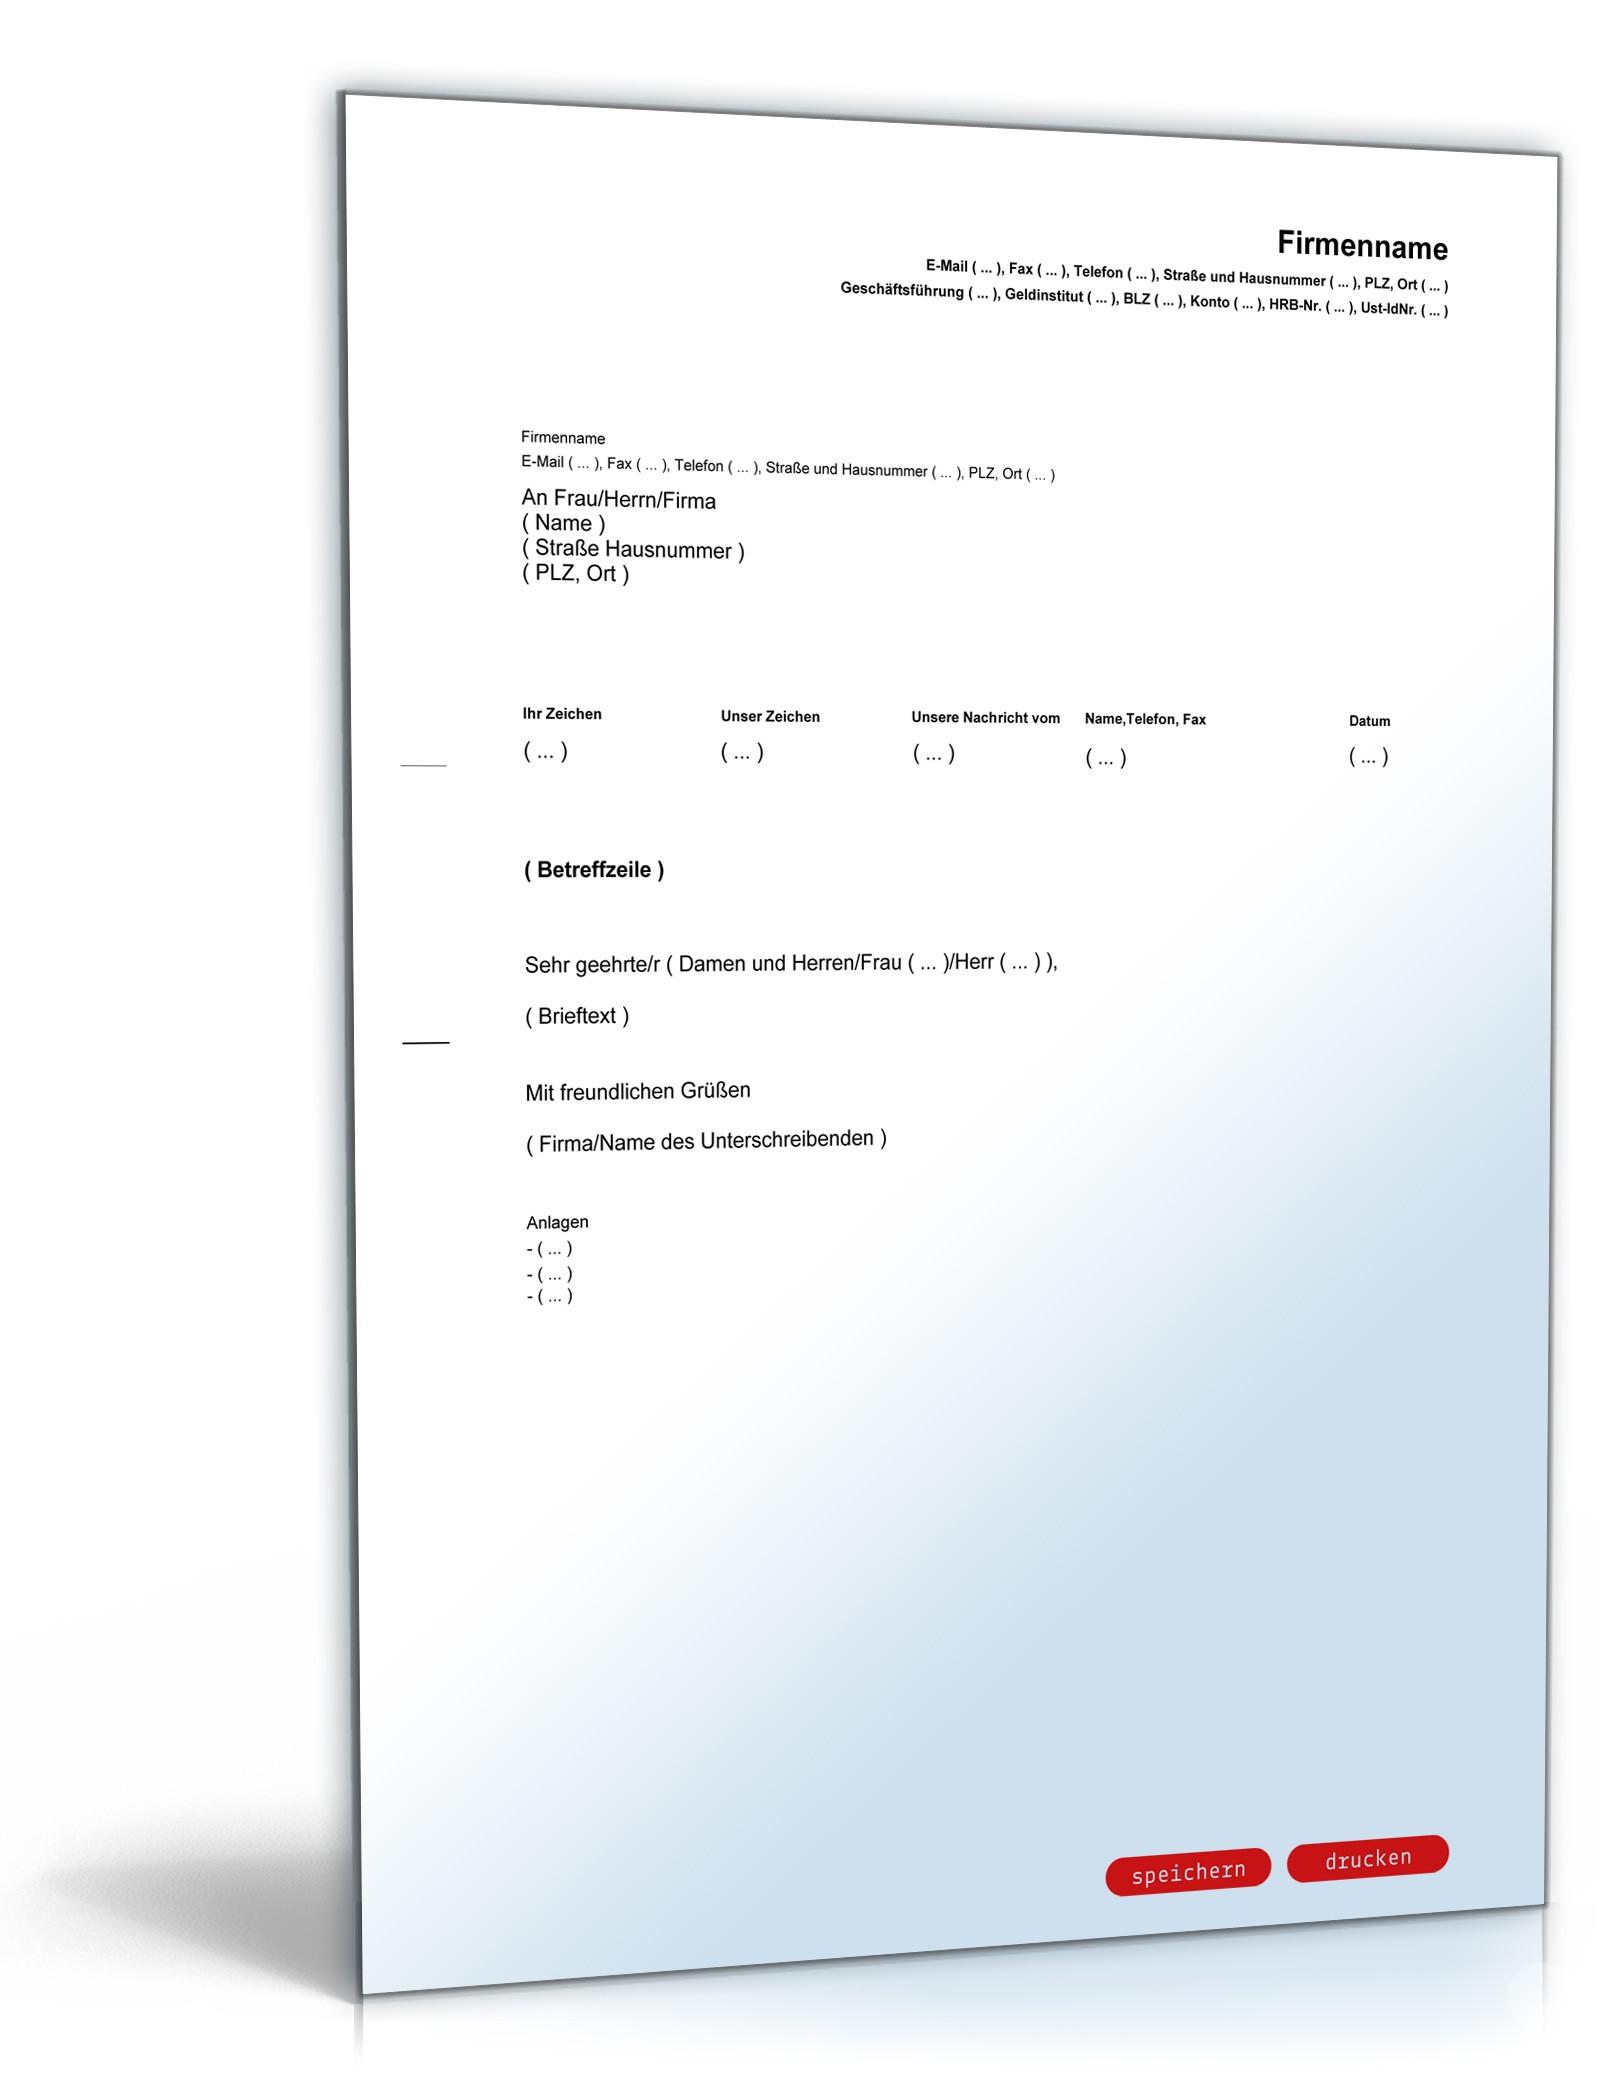 Allgemeiner Geschäftsbrief Muster Zum Download